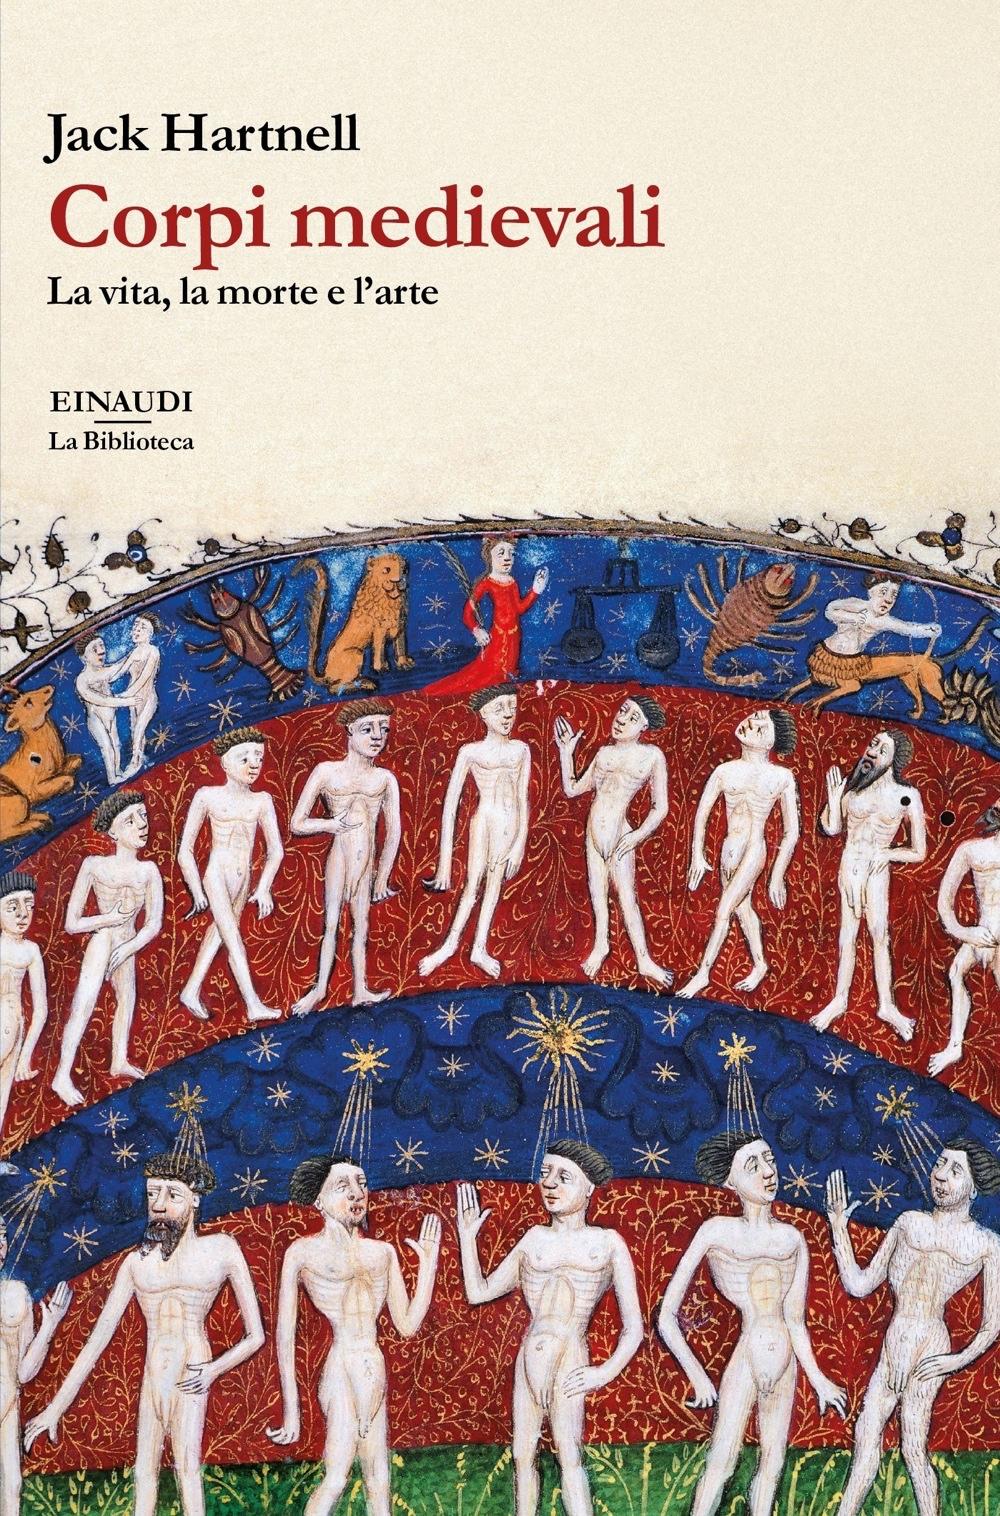 Corpi medievali: La vita, la morte e l'arte